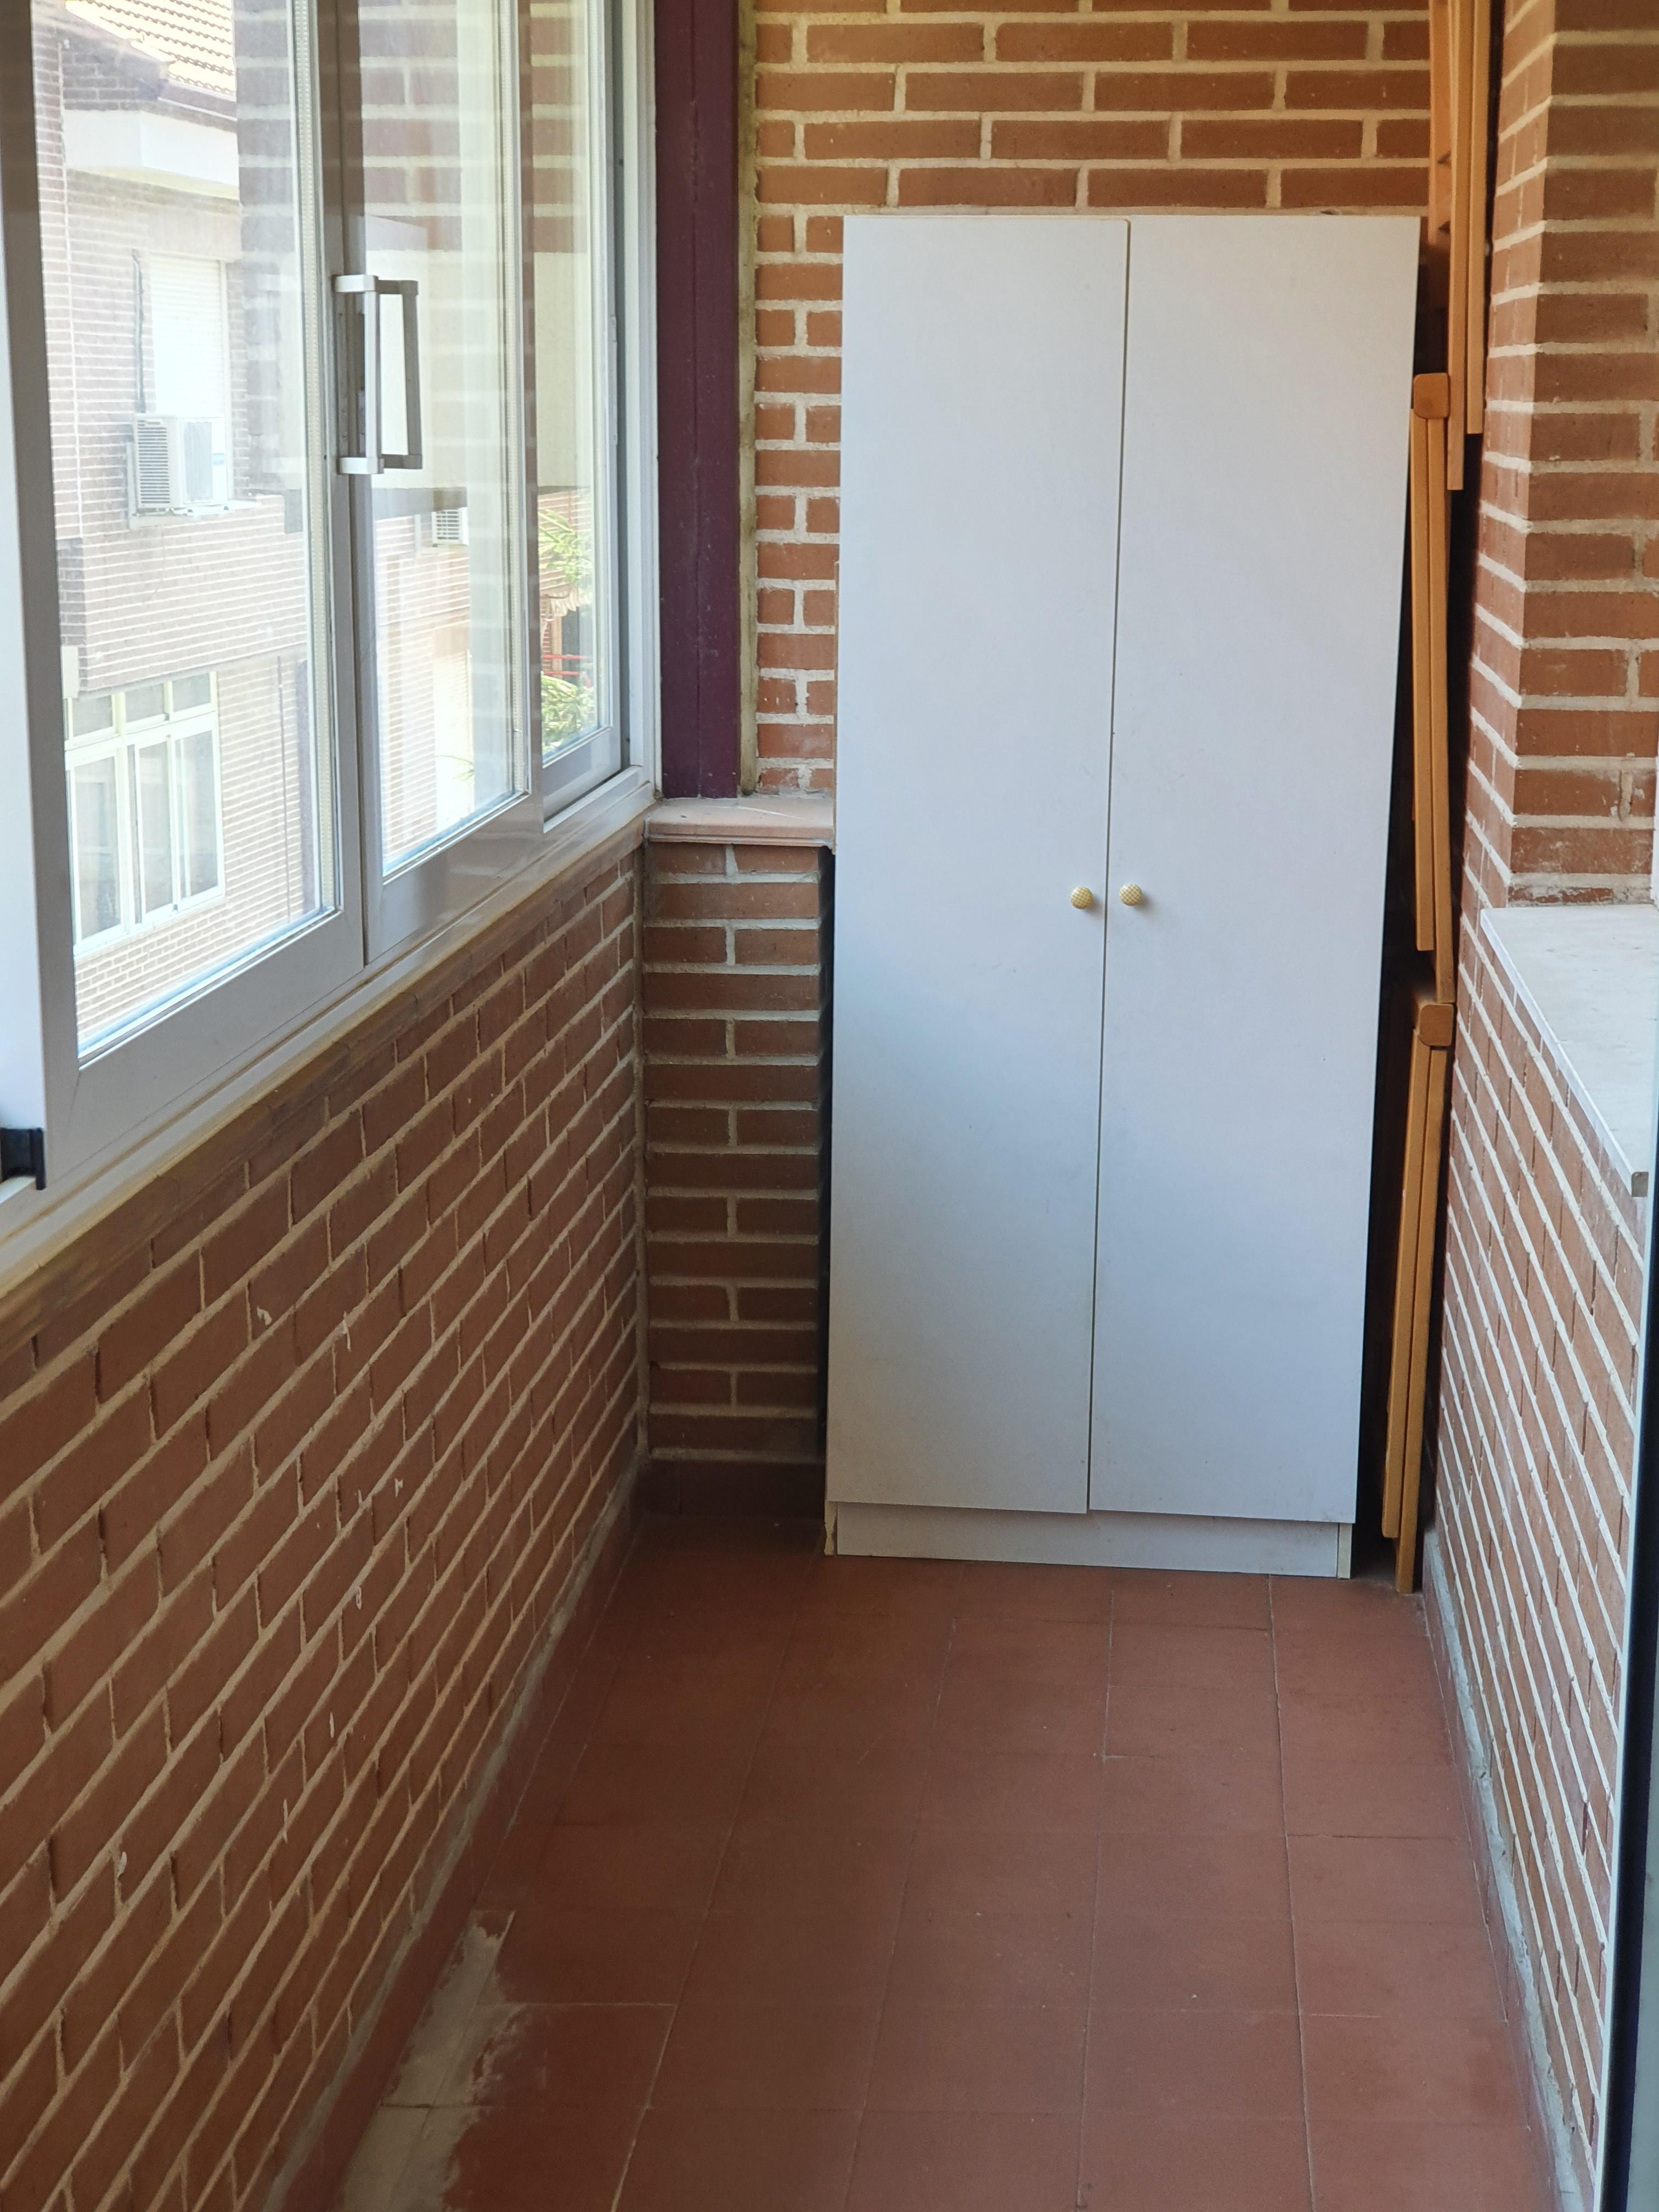 Piso en venta en Piso en Galapagar, Madrid, 168.000 €, 3 habitaciones, 2 baños, 92 m2, Garaje